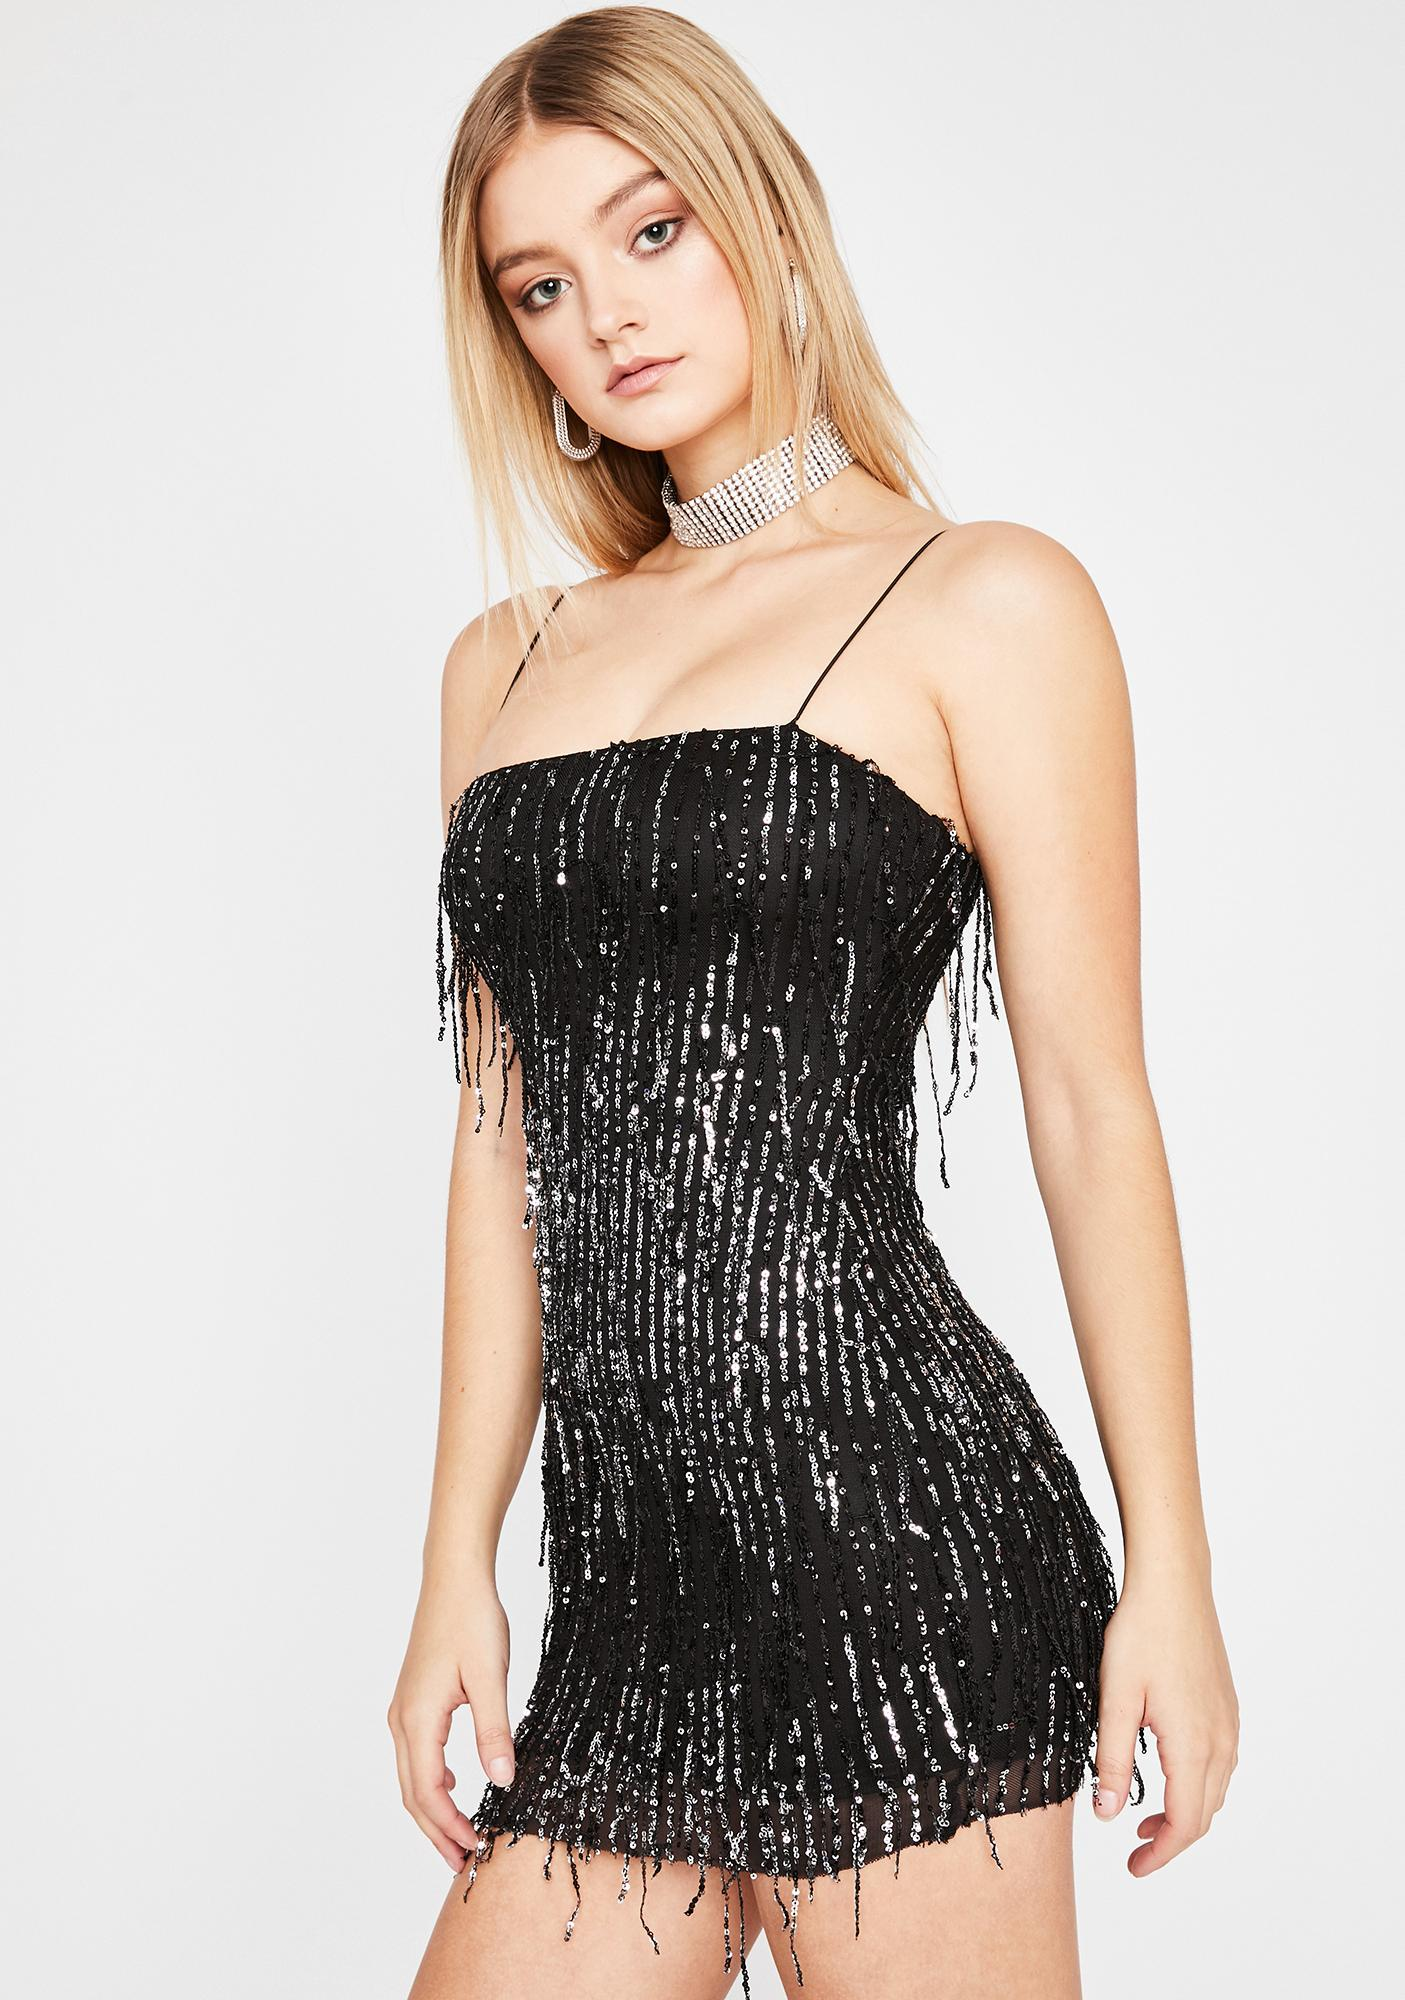 Drippin' Noir Glitz N' Glam Mini Dress